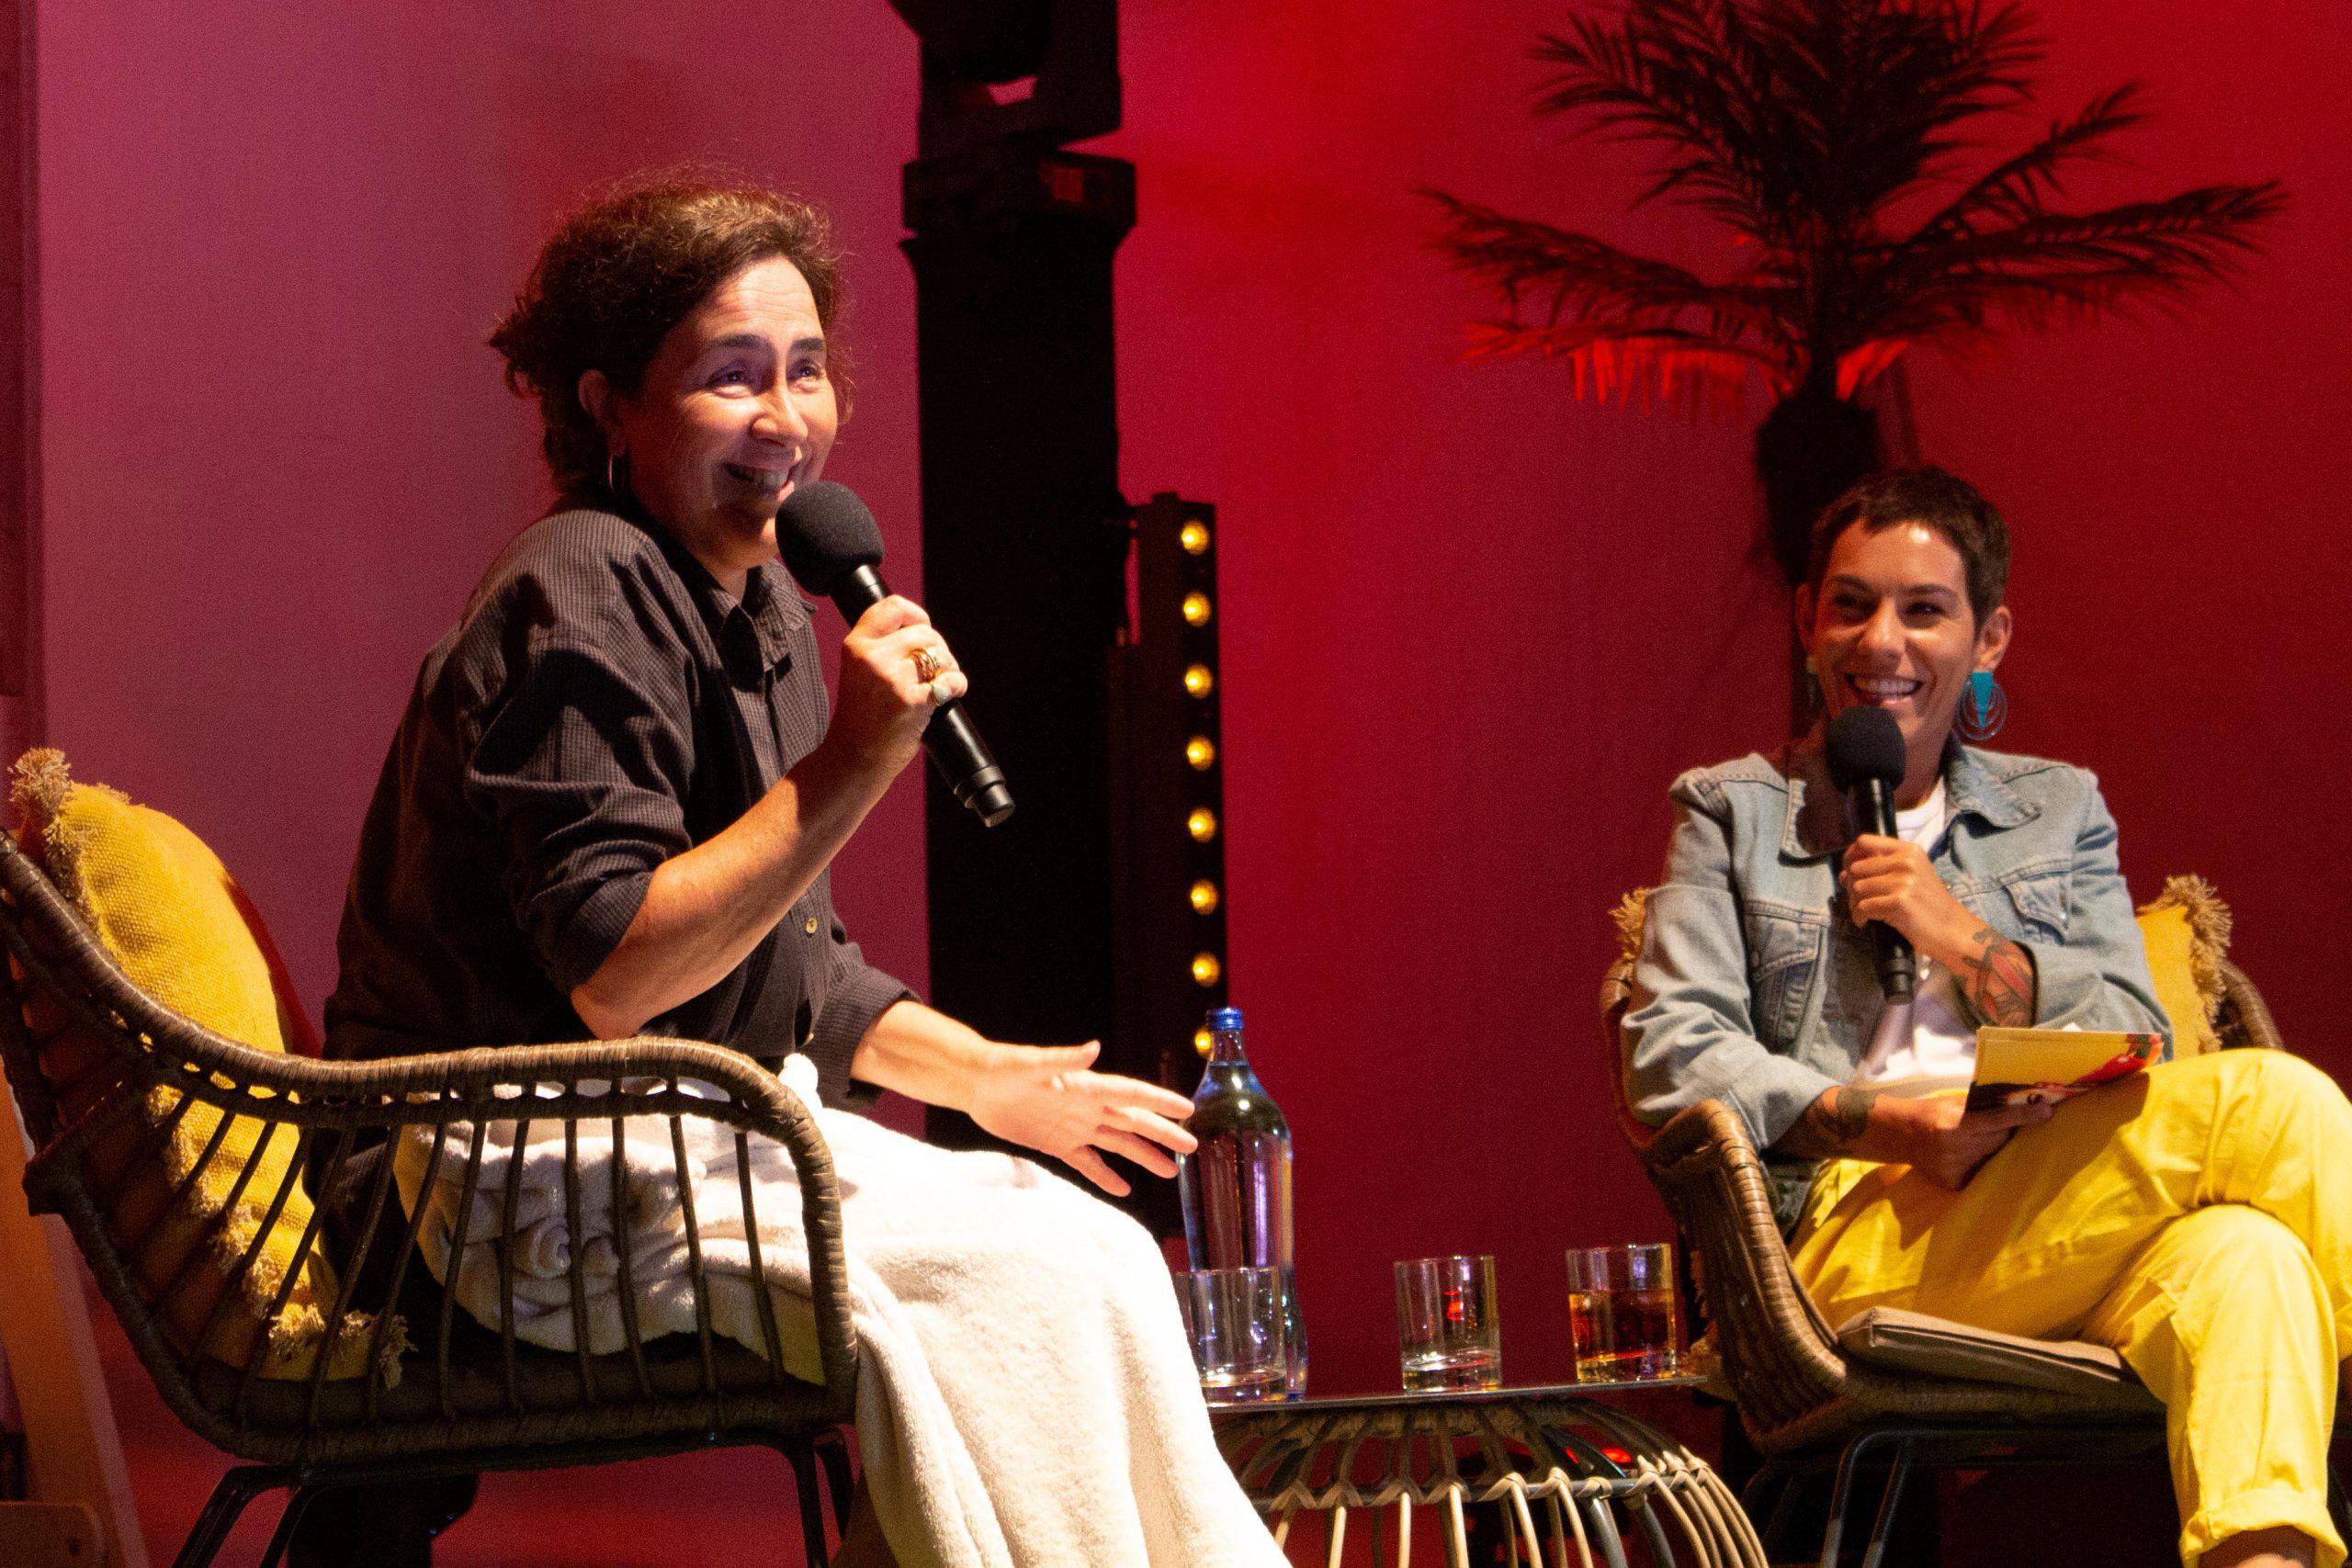 Rita Blanco e Beatriz Gosta (Gustavo Carvalho/CCA)